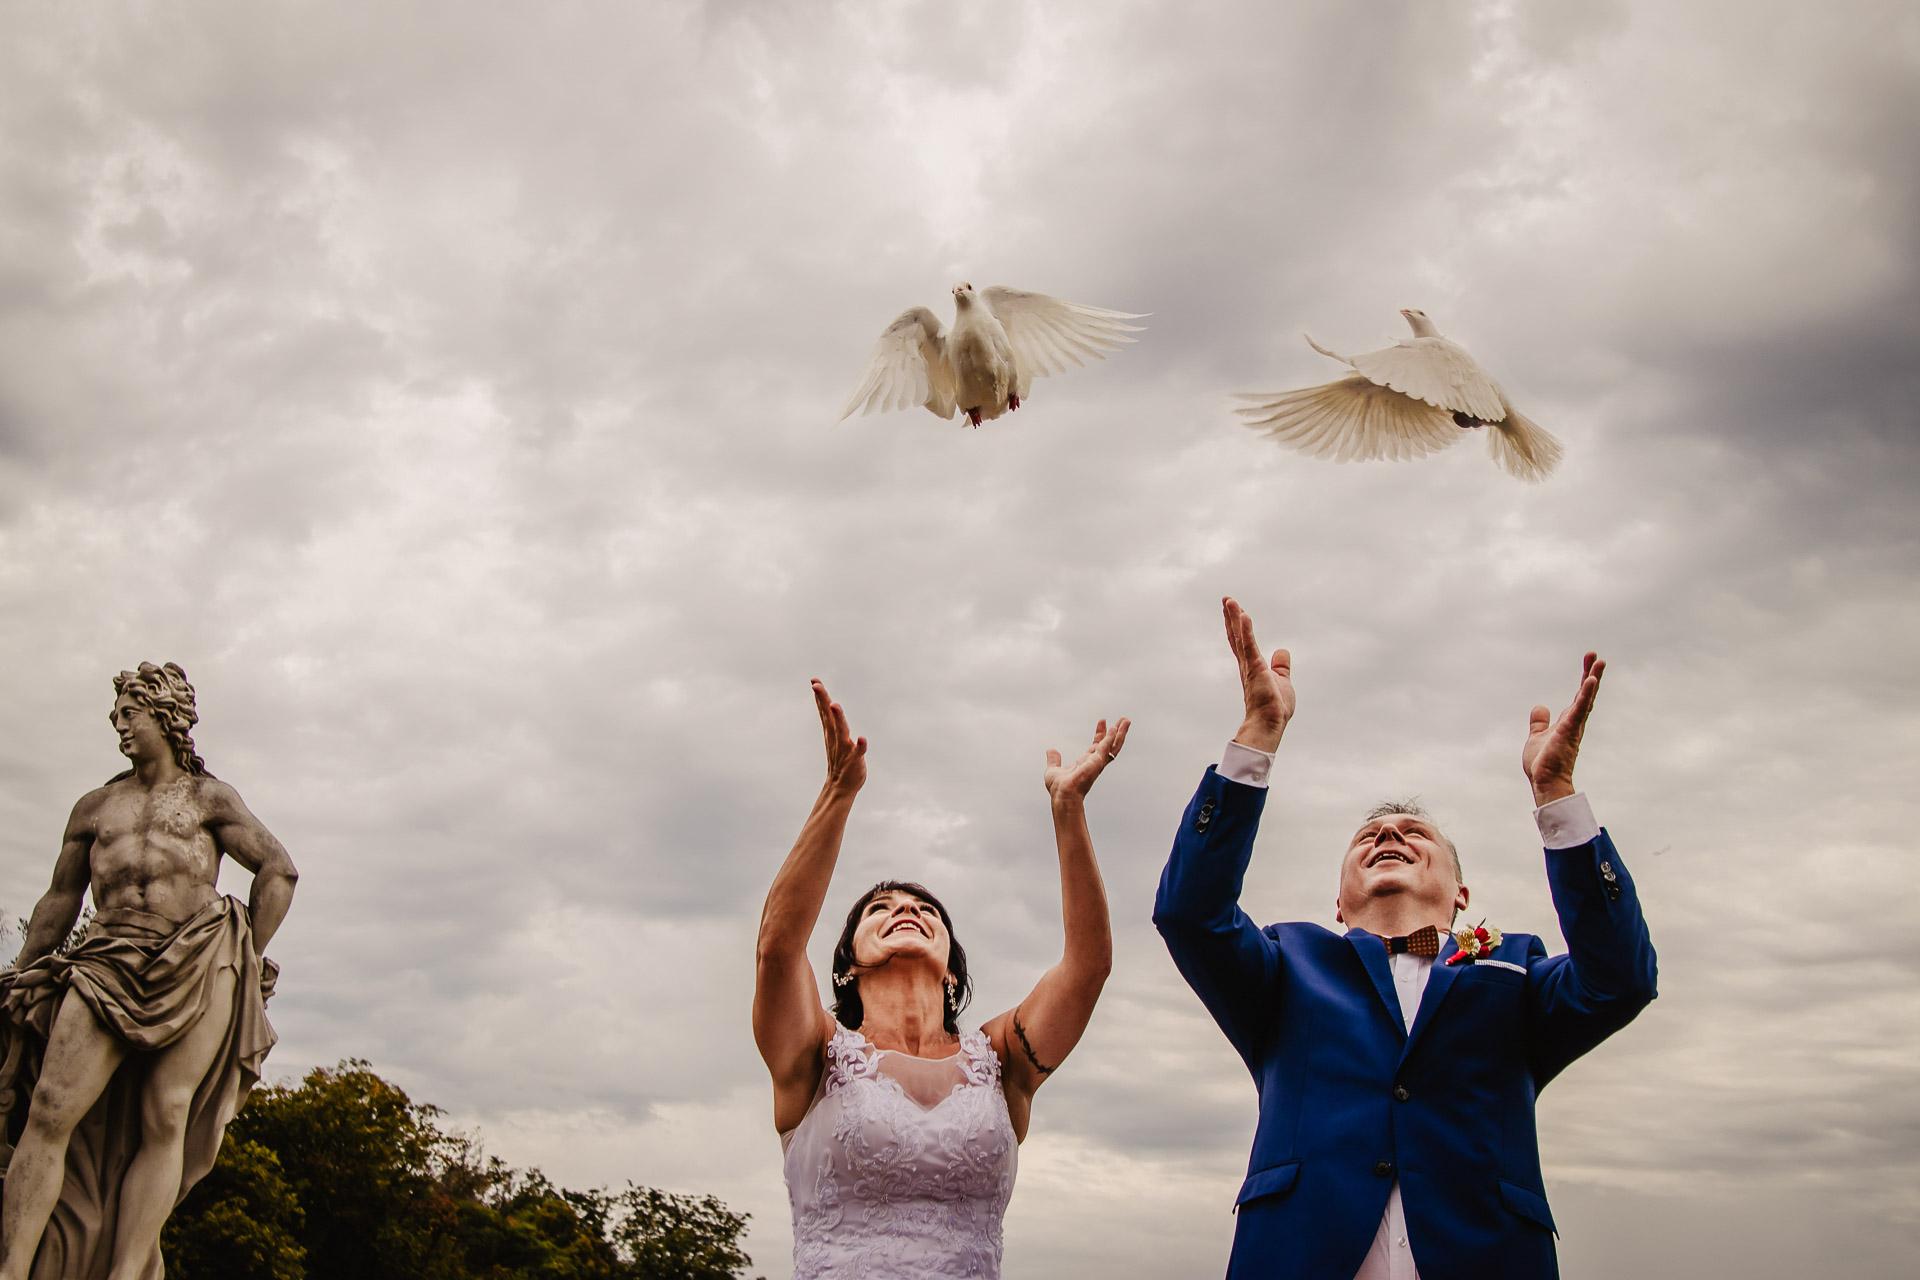 příprava-svatebního-obřadu-Lysá-nad-Labem-svatební-agentura-Svatbavenku-7